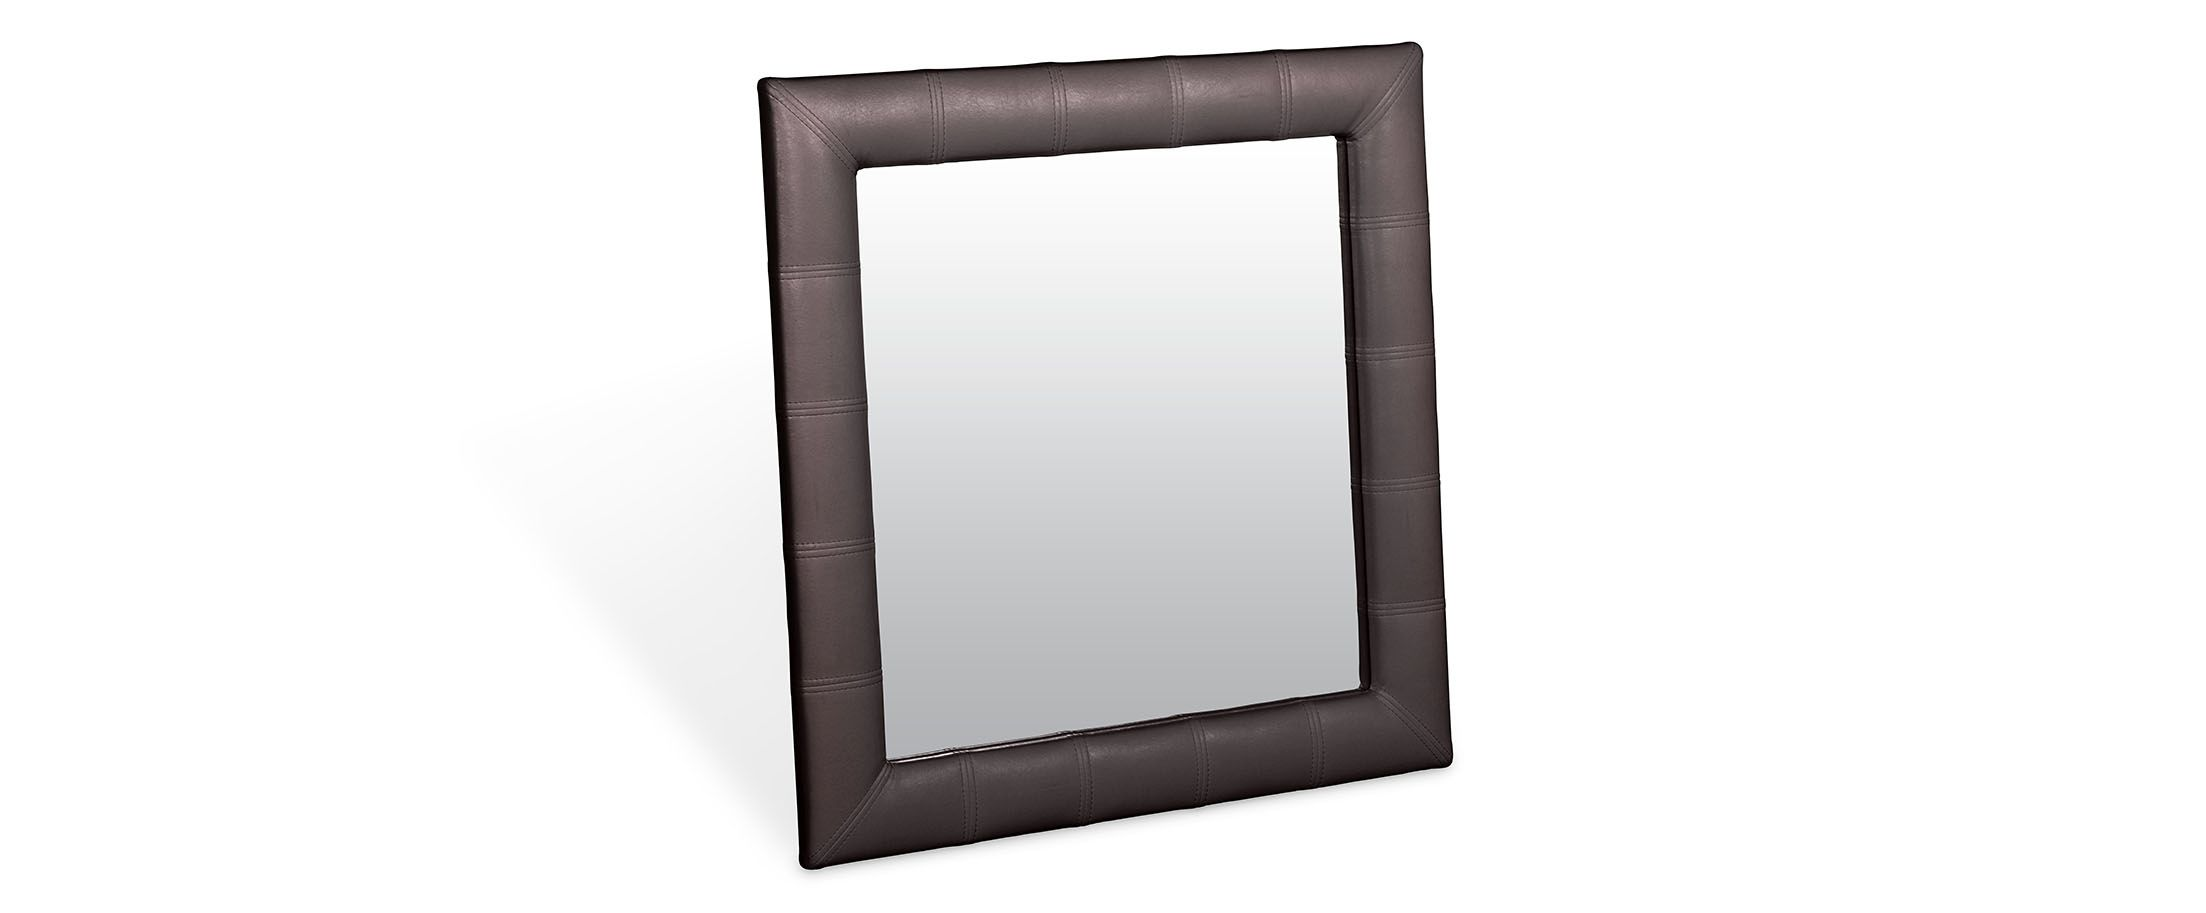 Зеркало Кааба квадратное кофеЗеркало навесное в спальню. Обивка из экокожи. Артикул: К000479<br><br>Ширина см: 86<br>Глубина см: 4<br>Высота см: 86<br>Цвет: Коричневый